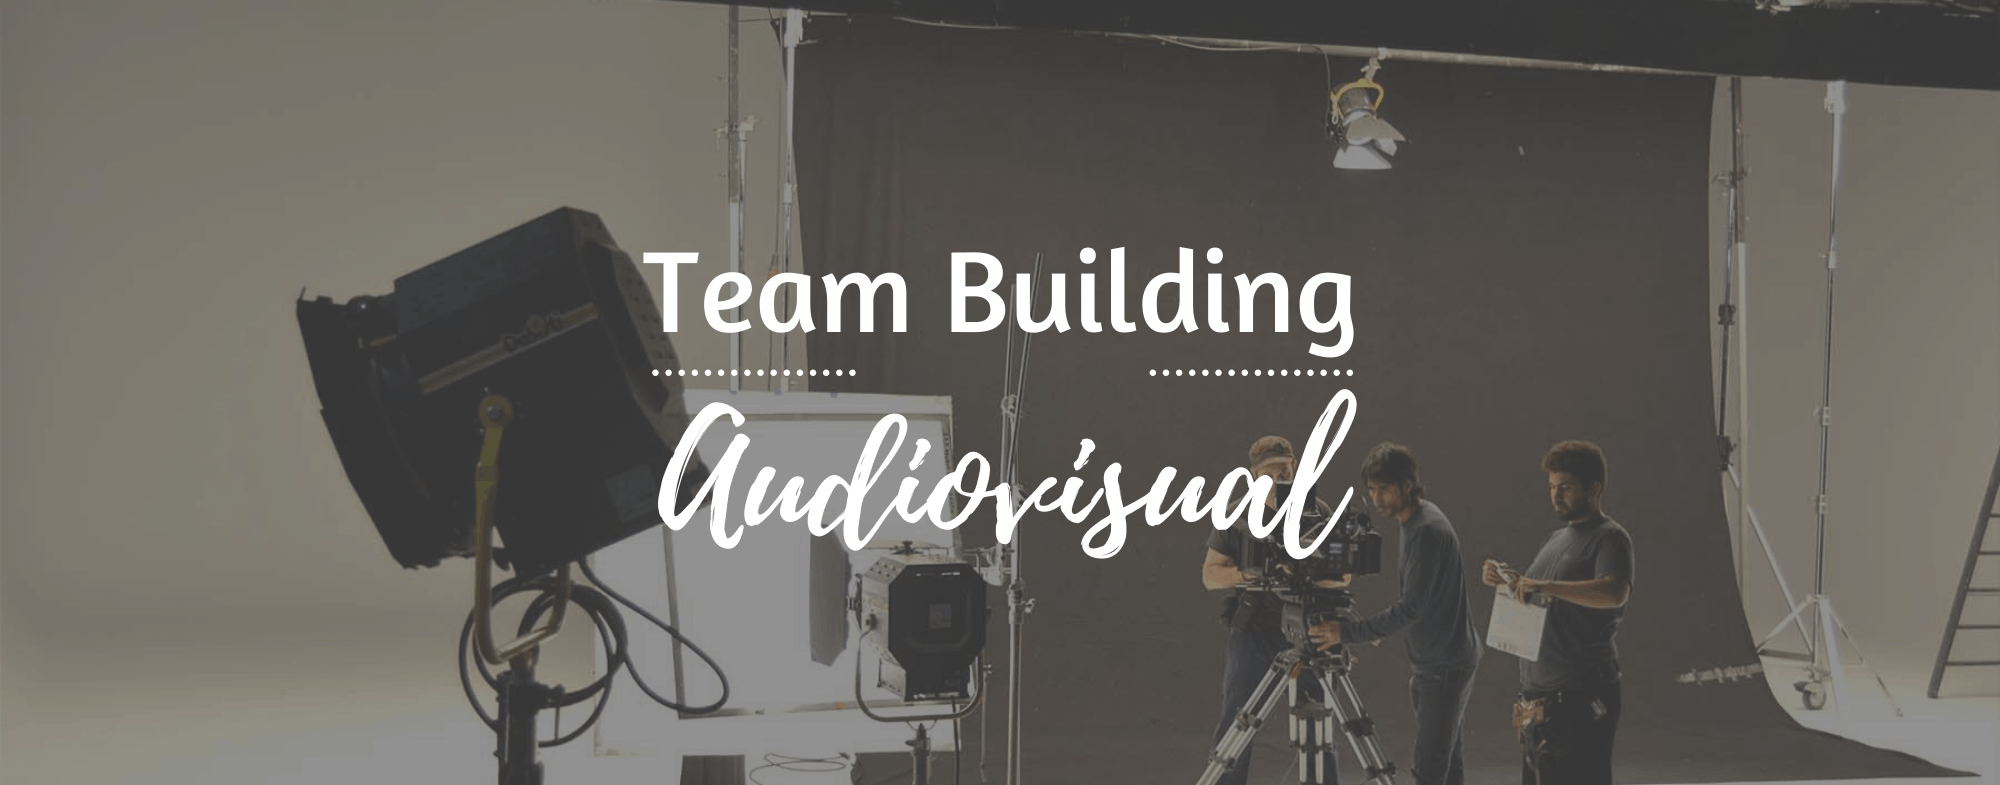 team-building-audiovisual-6